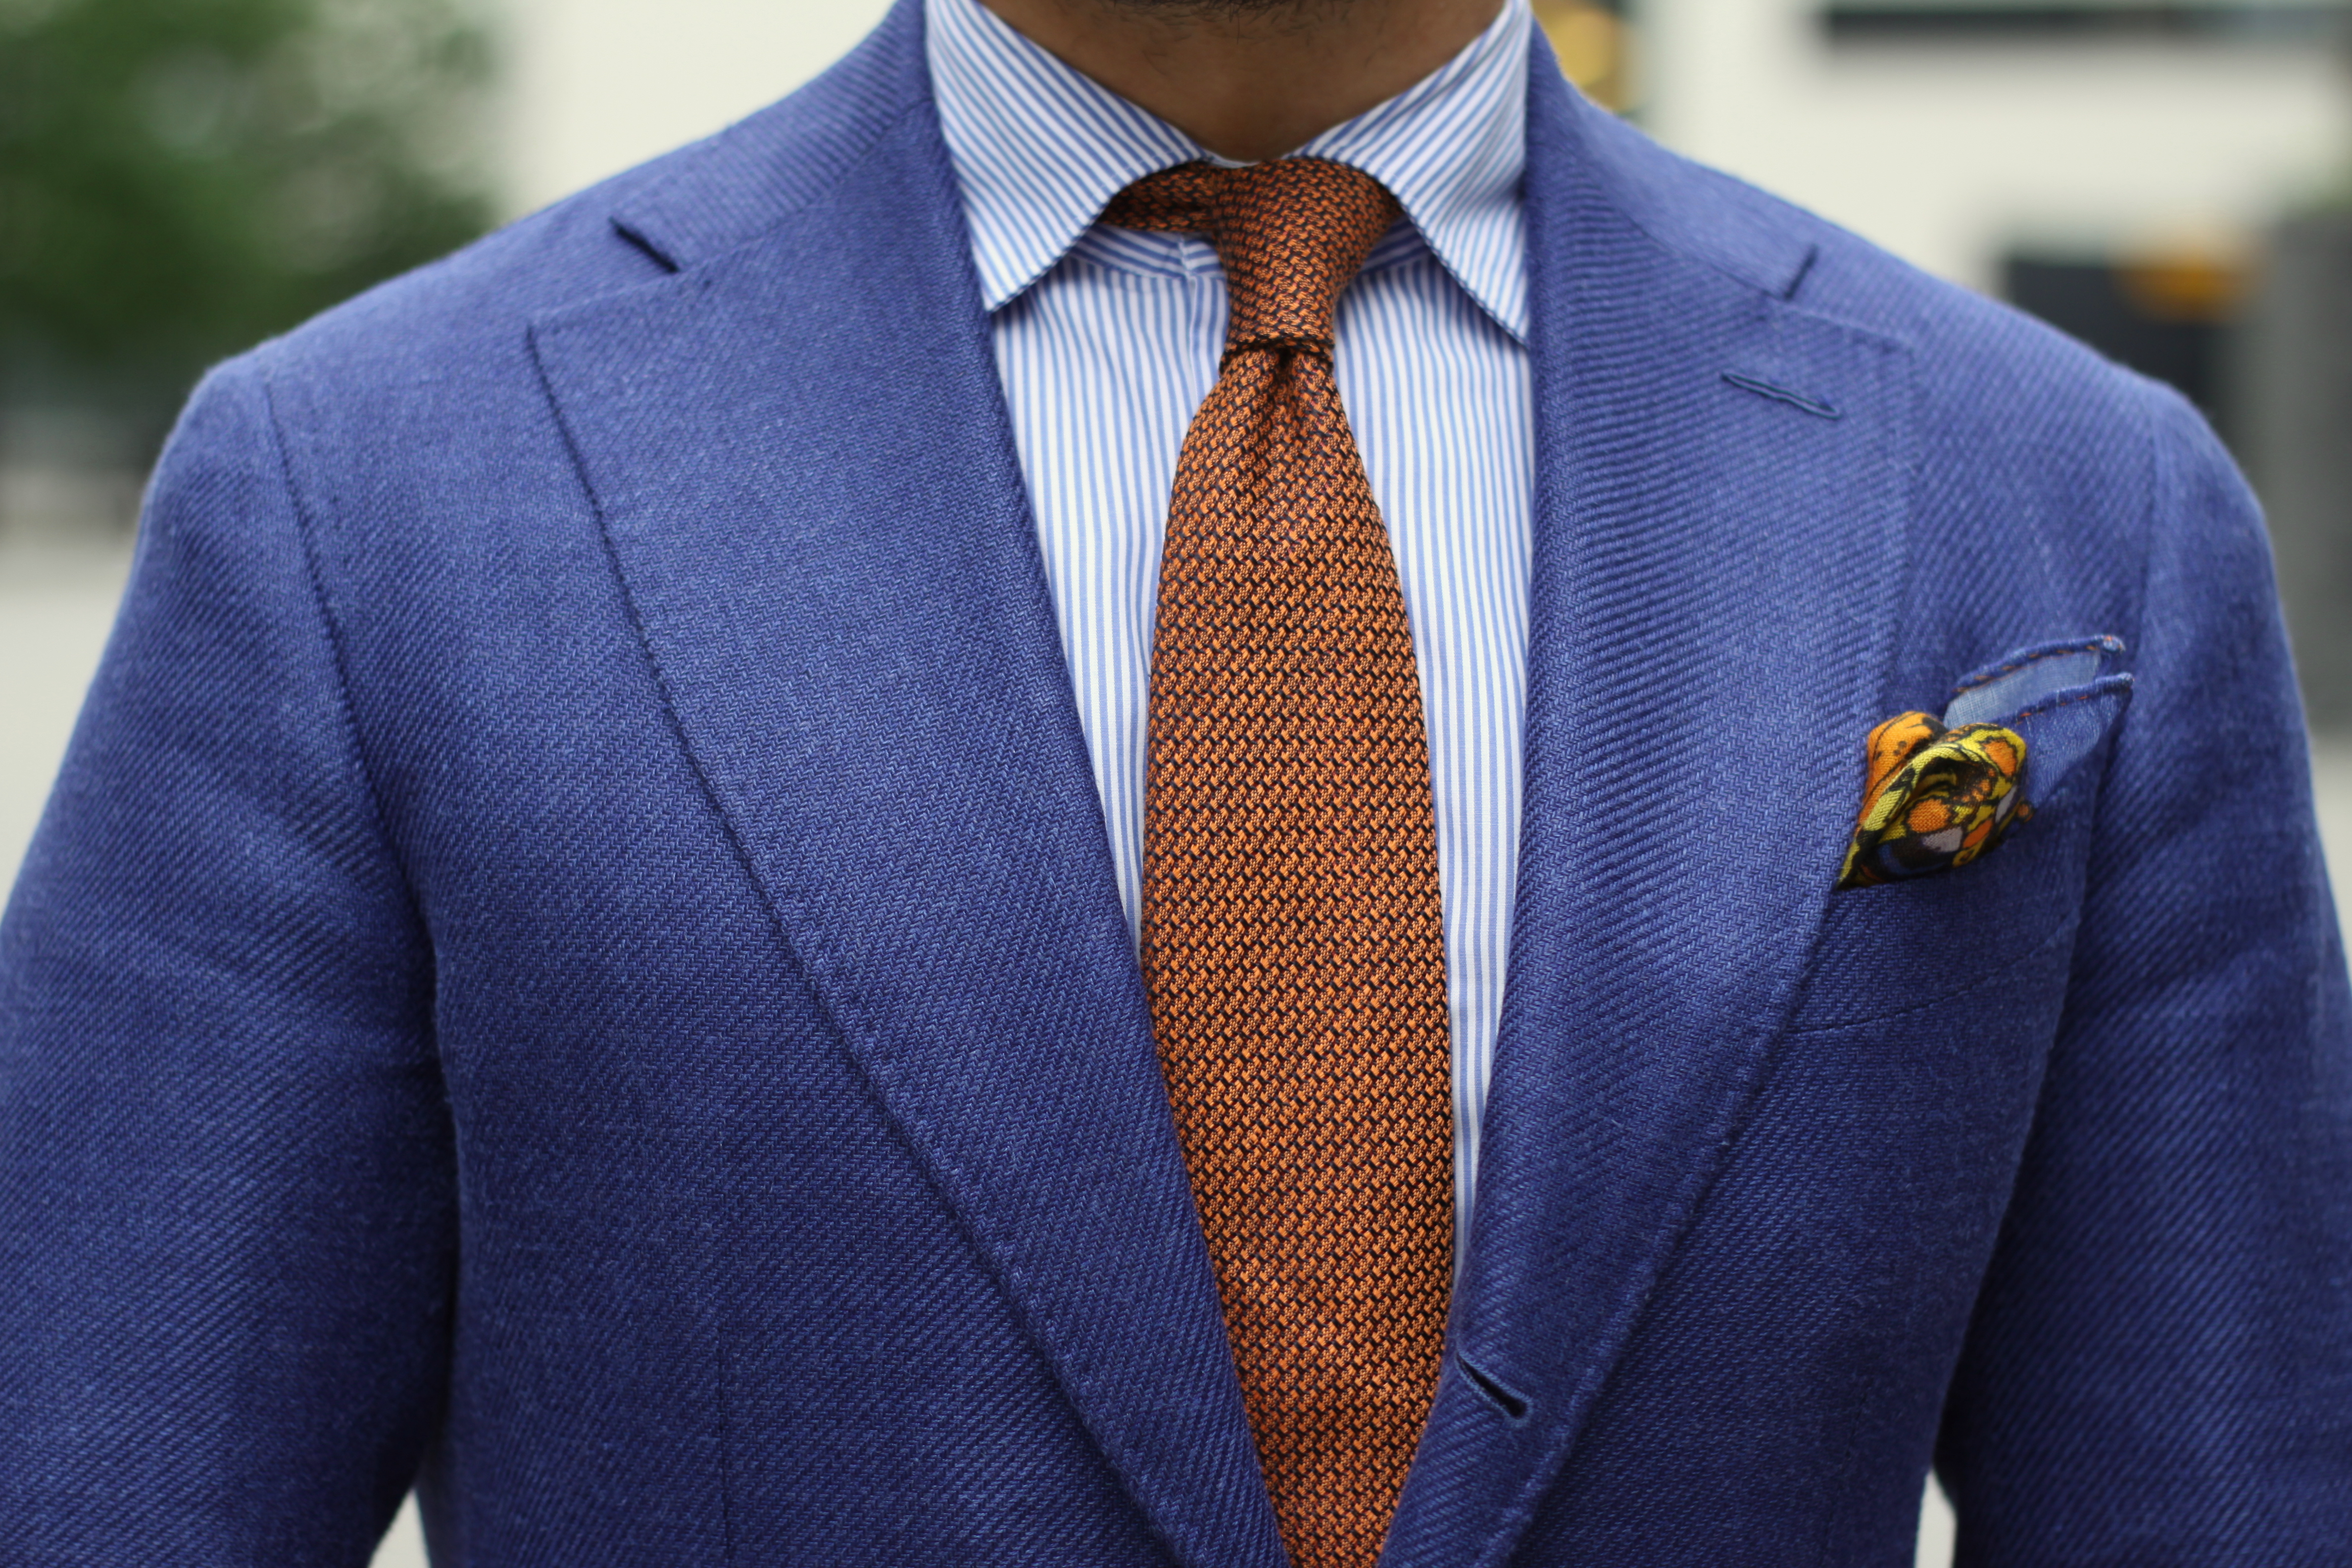 orange and blue tie photo - 1